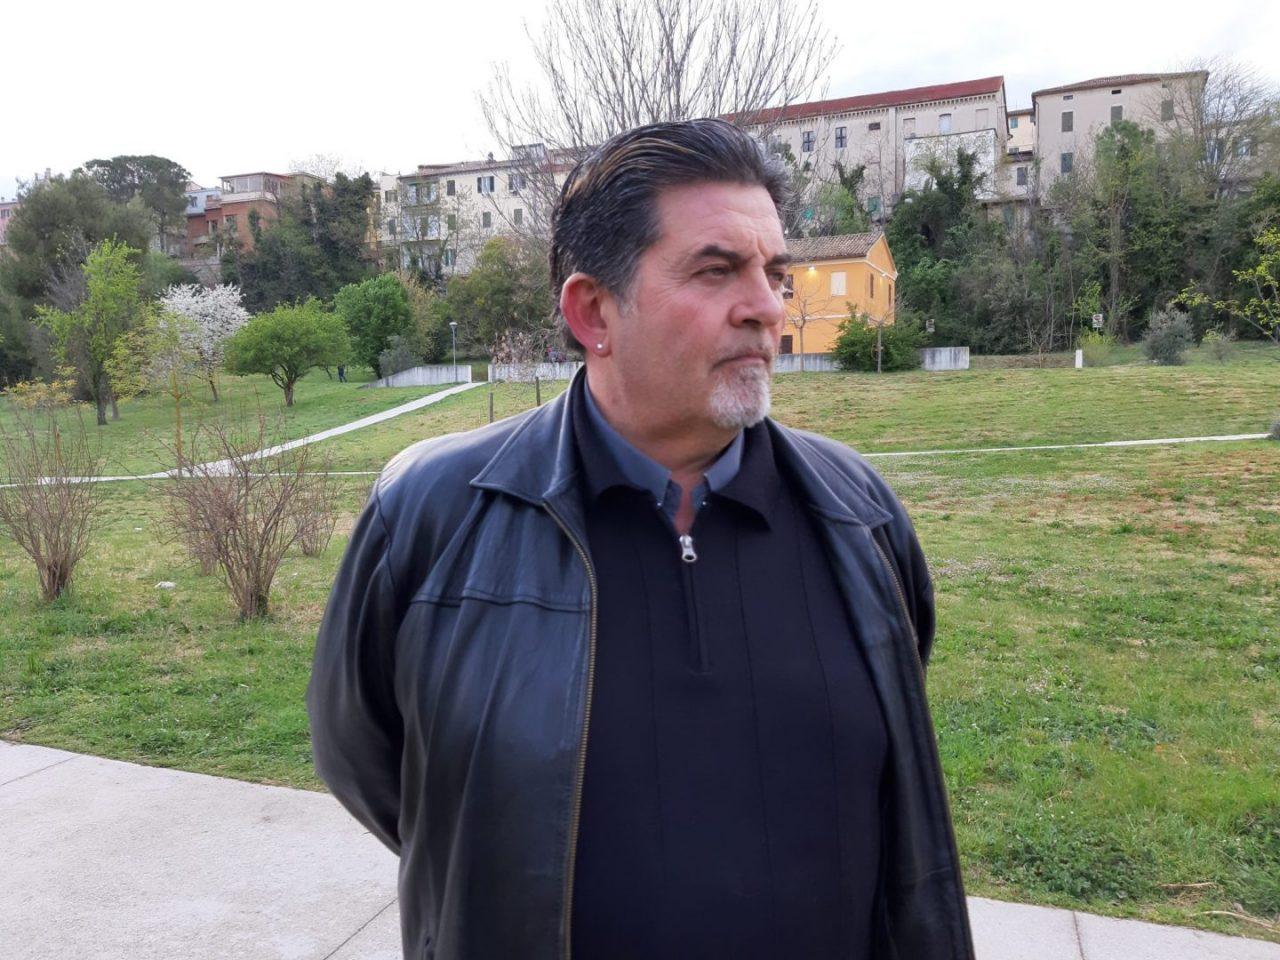 Damiano Paoletti